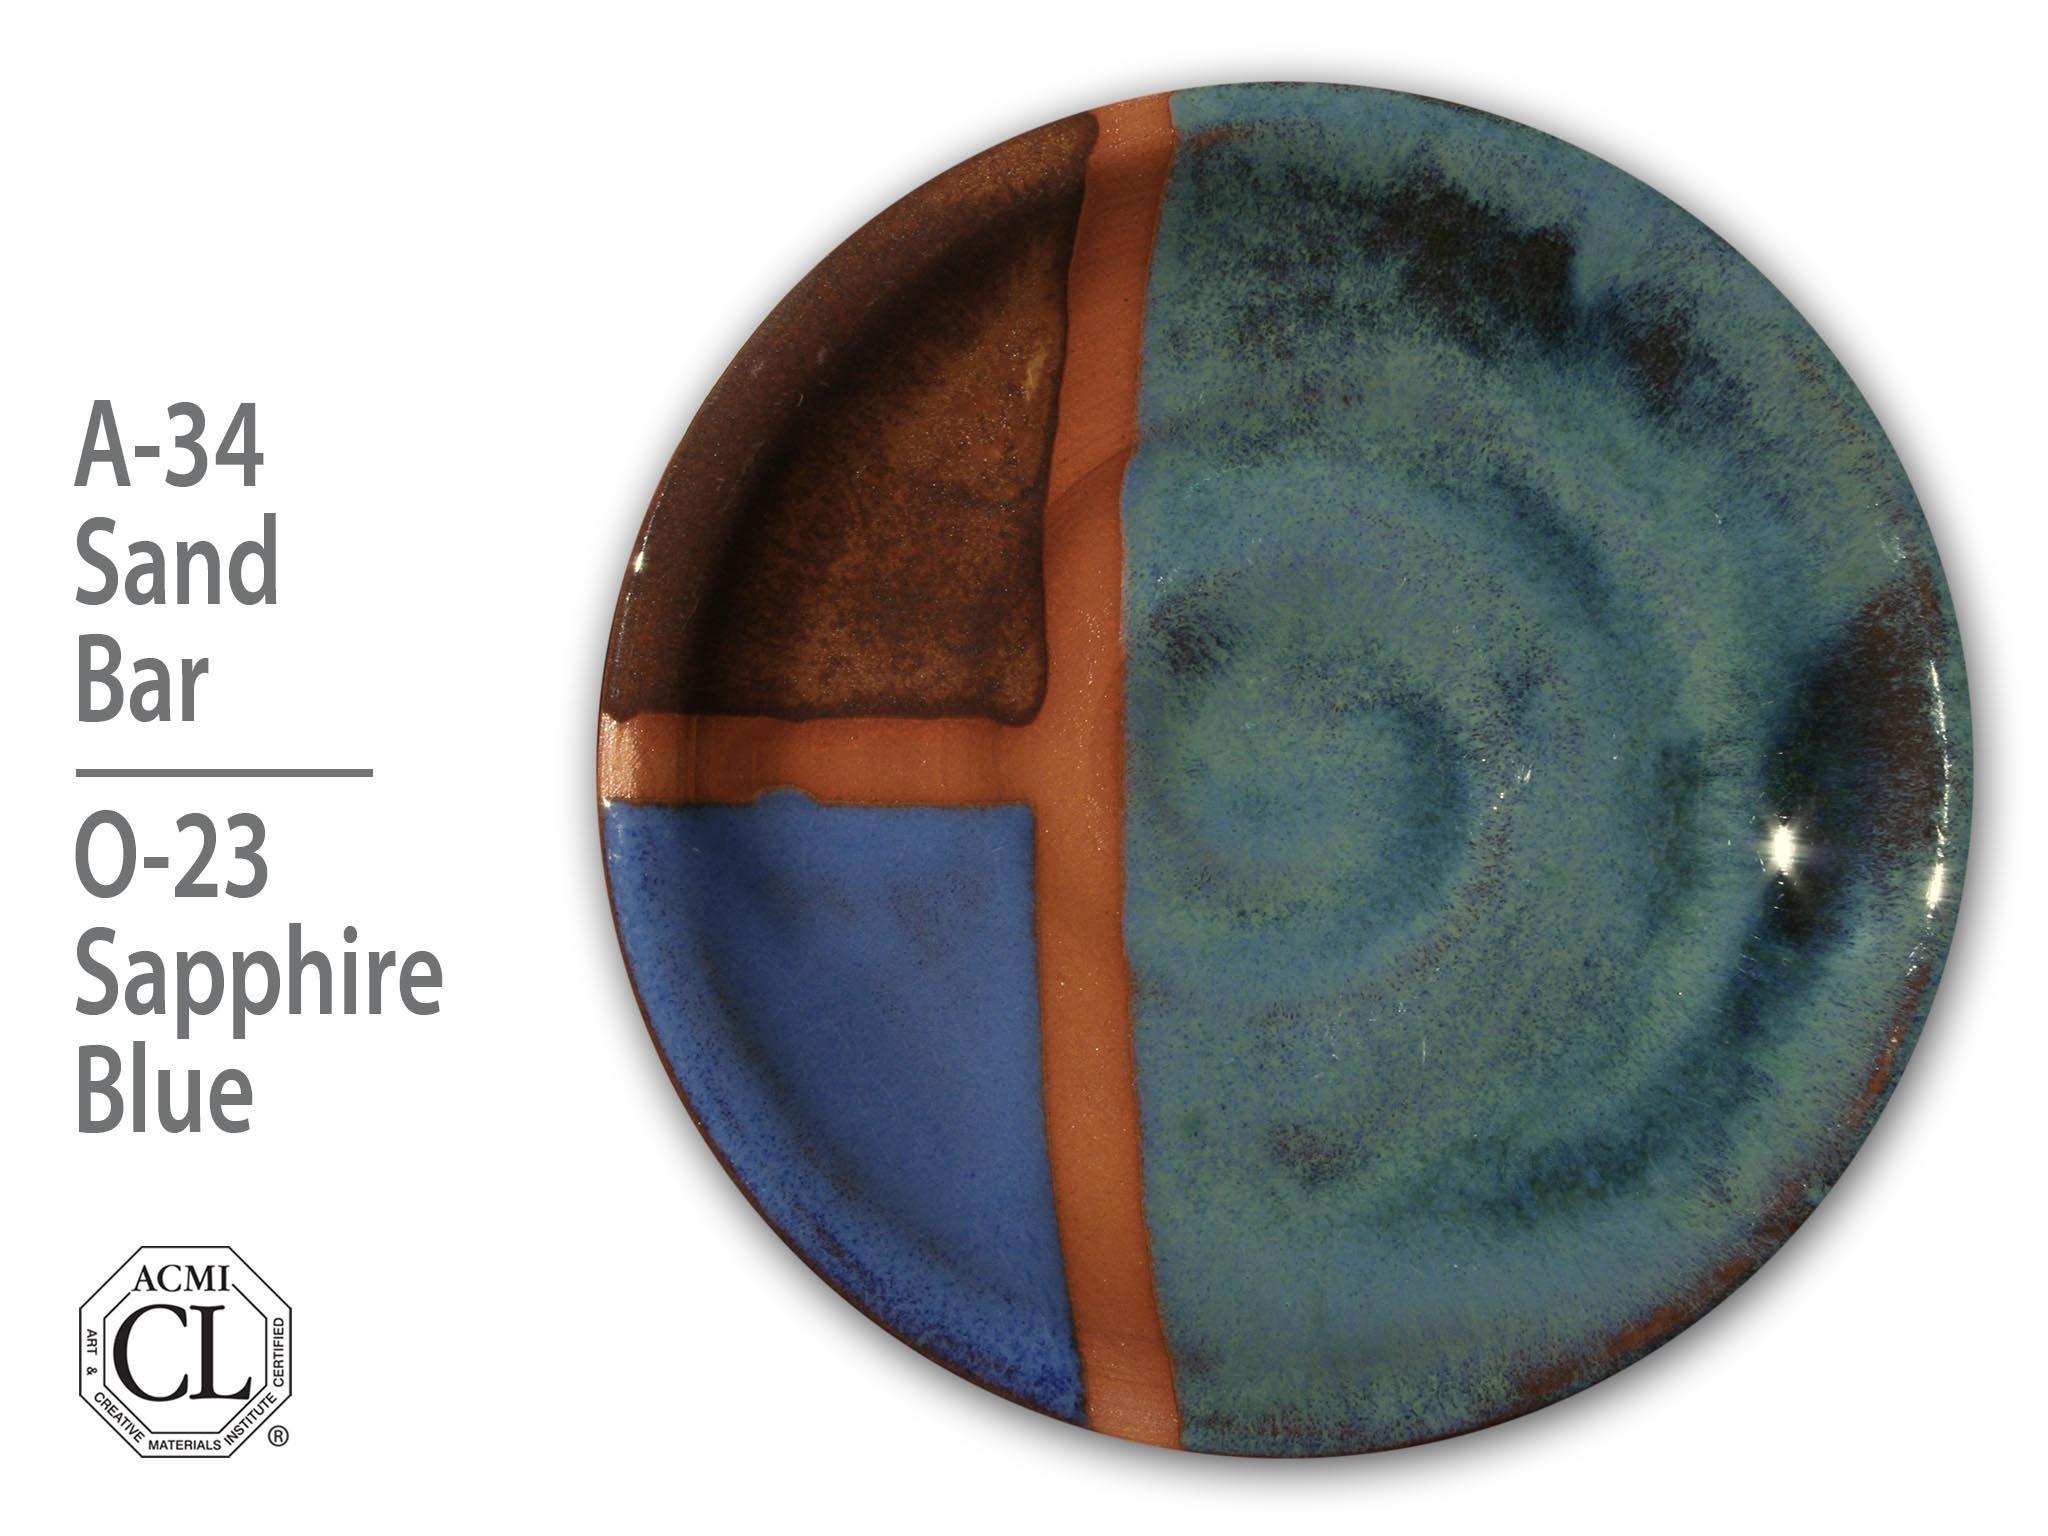 Artists Choice Sandbar a34-over Opalescent-o23 Sapphire Blue-